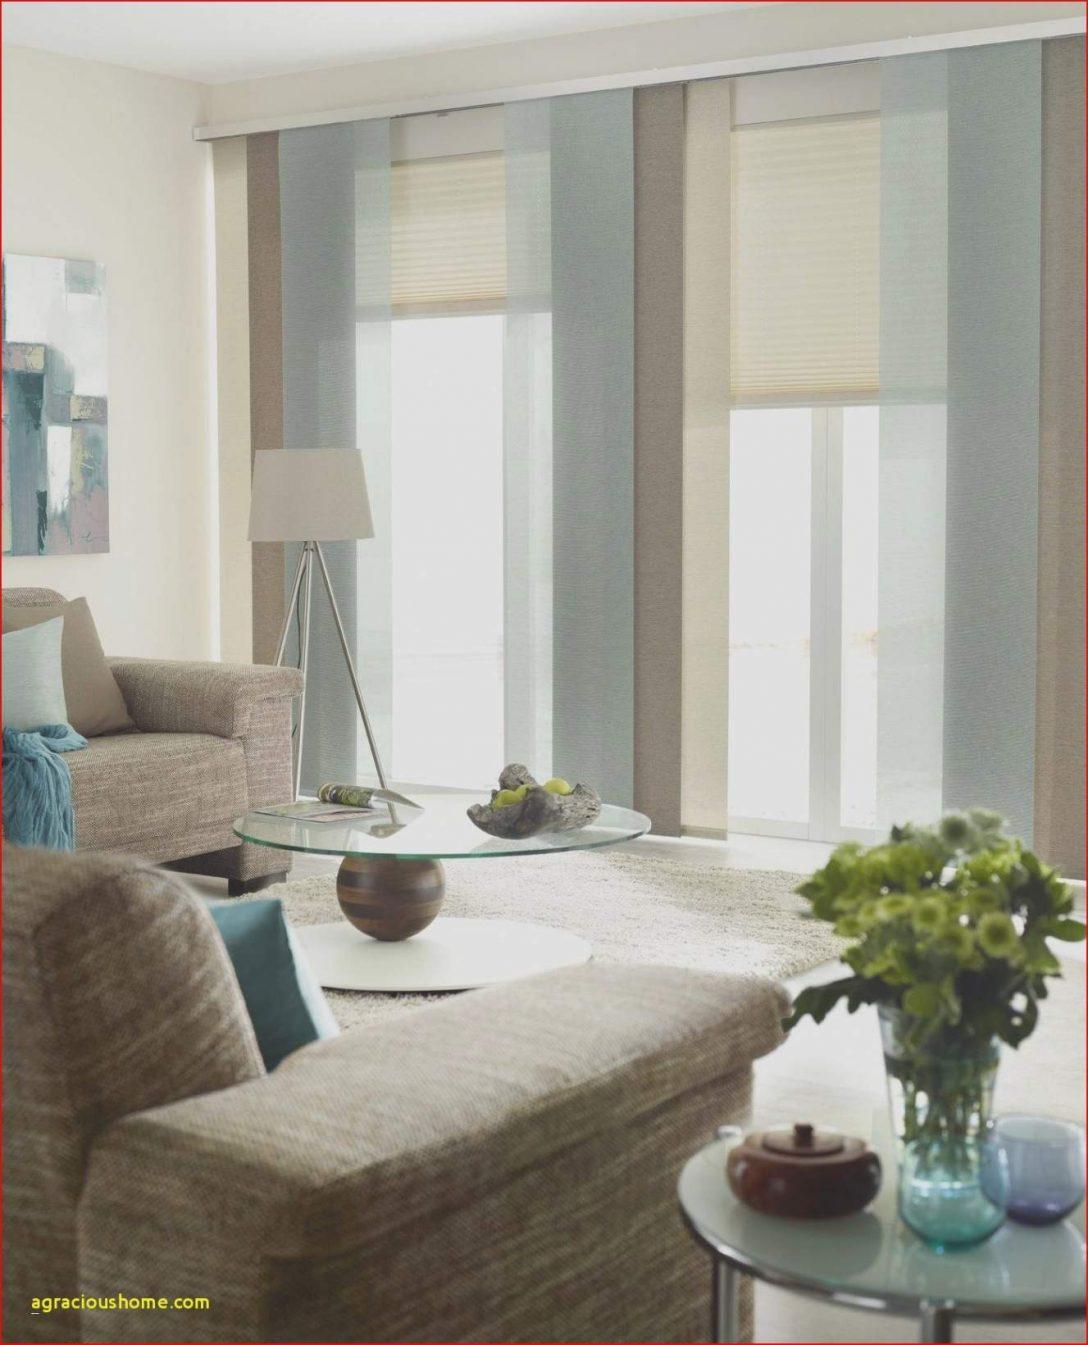 Large Size of Bett Modern Design Küche Vorhänge Stehlampe Wohnzimmer Modernes Teppiche Led Lampen Hängeschrank Weiß Hochglanz Schrankwand Großes Bild Rollo Moderne Wohnzimmer Vorhänge Wohnzimmer Ideen Modern